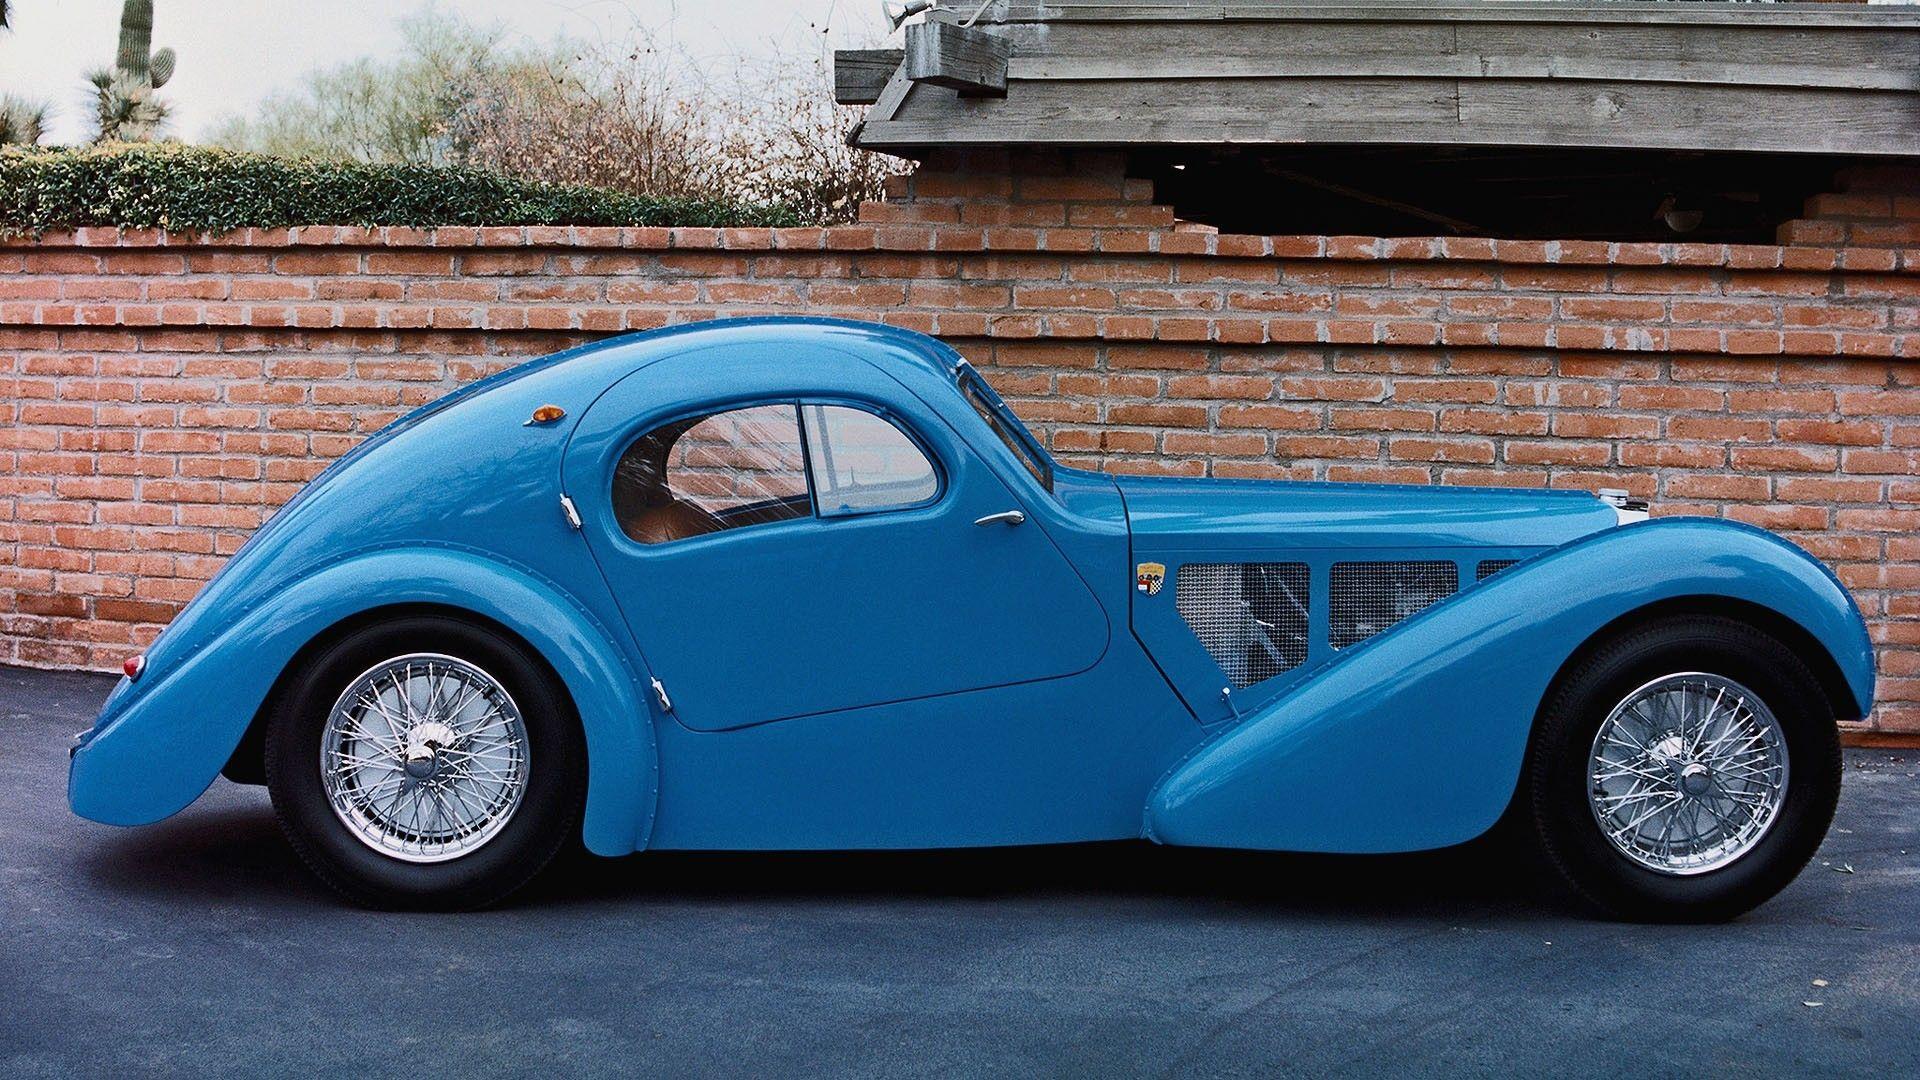 Bugatti Type 57 | Cars | Pinterest | Bugatti type 57 and Cars